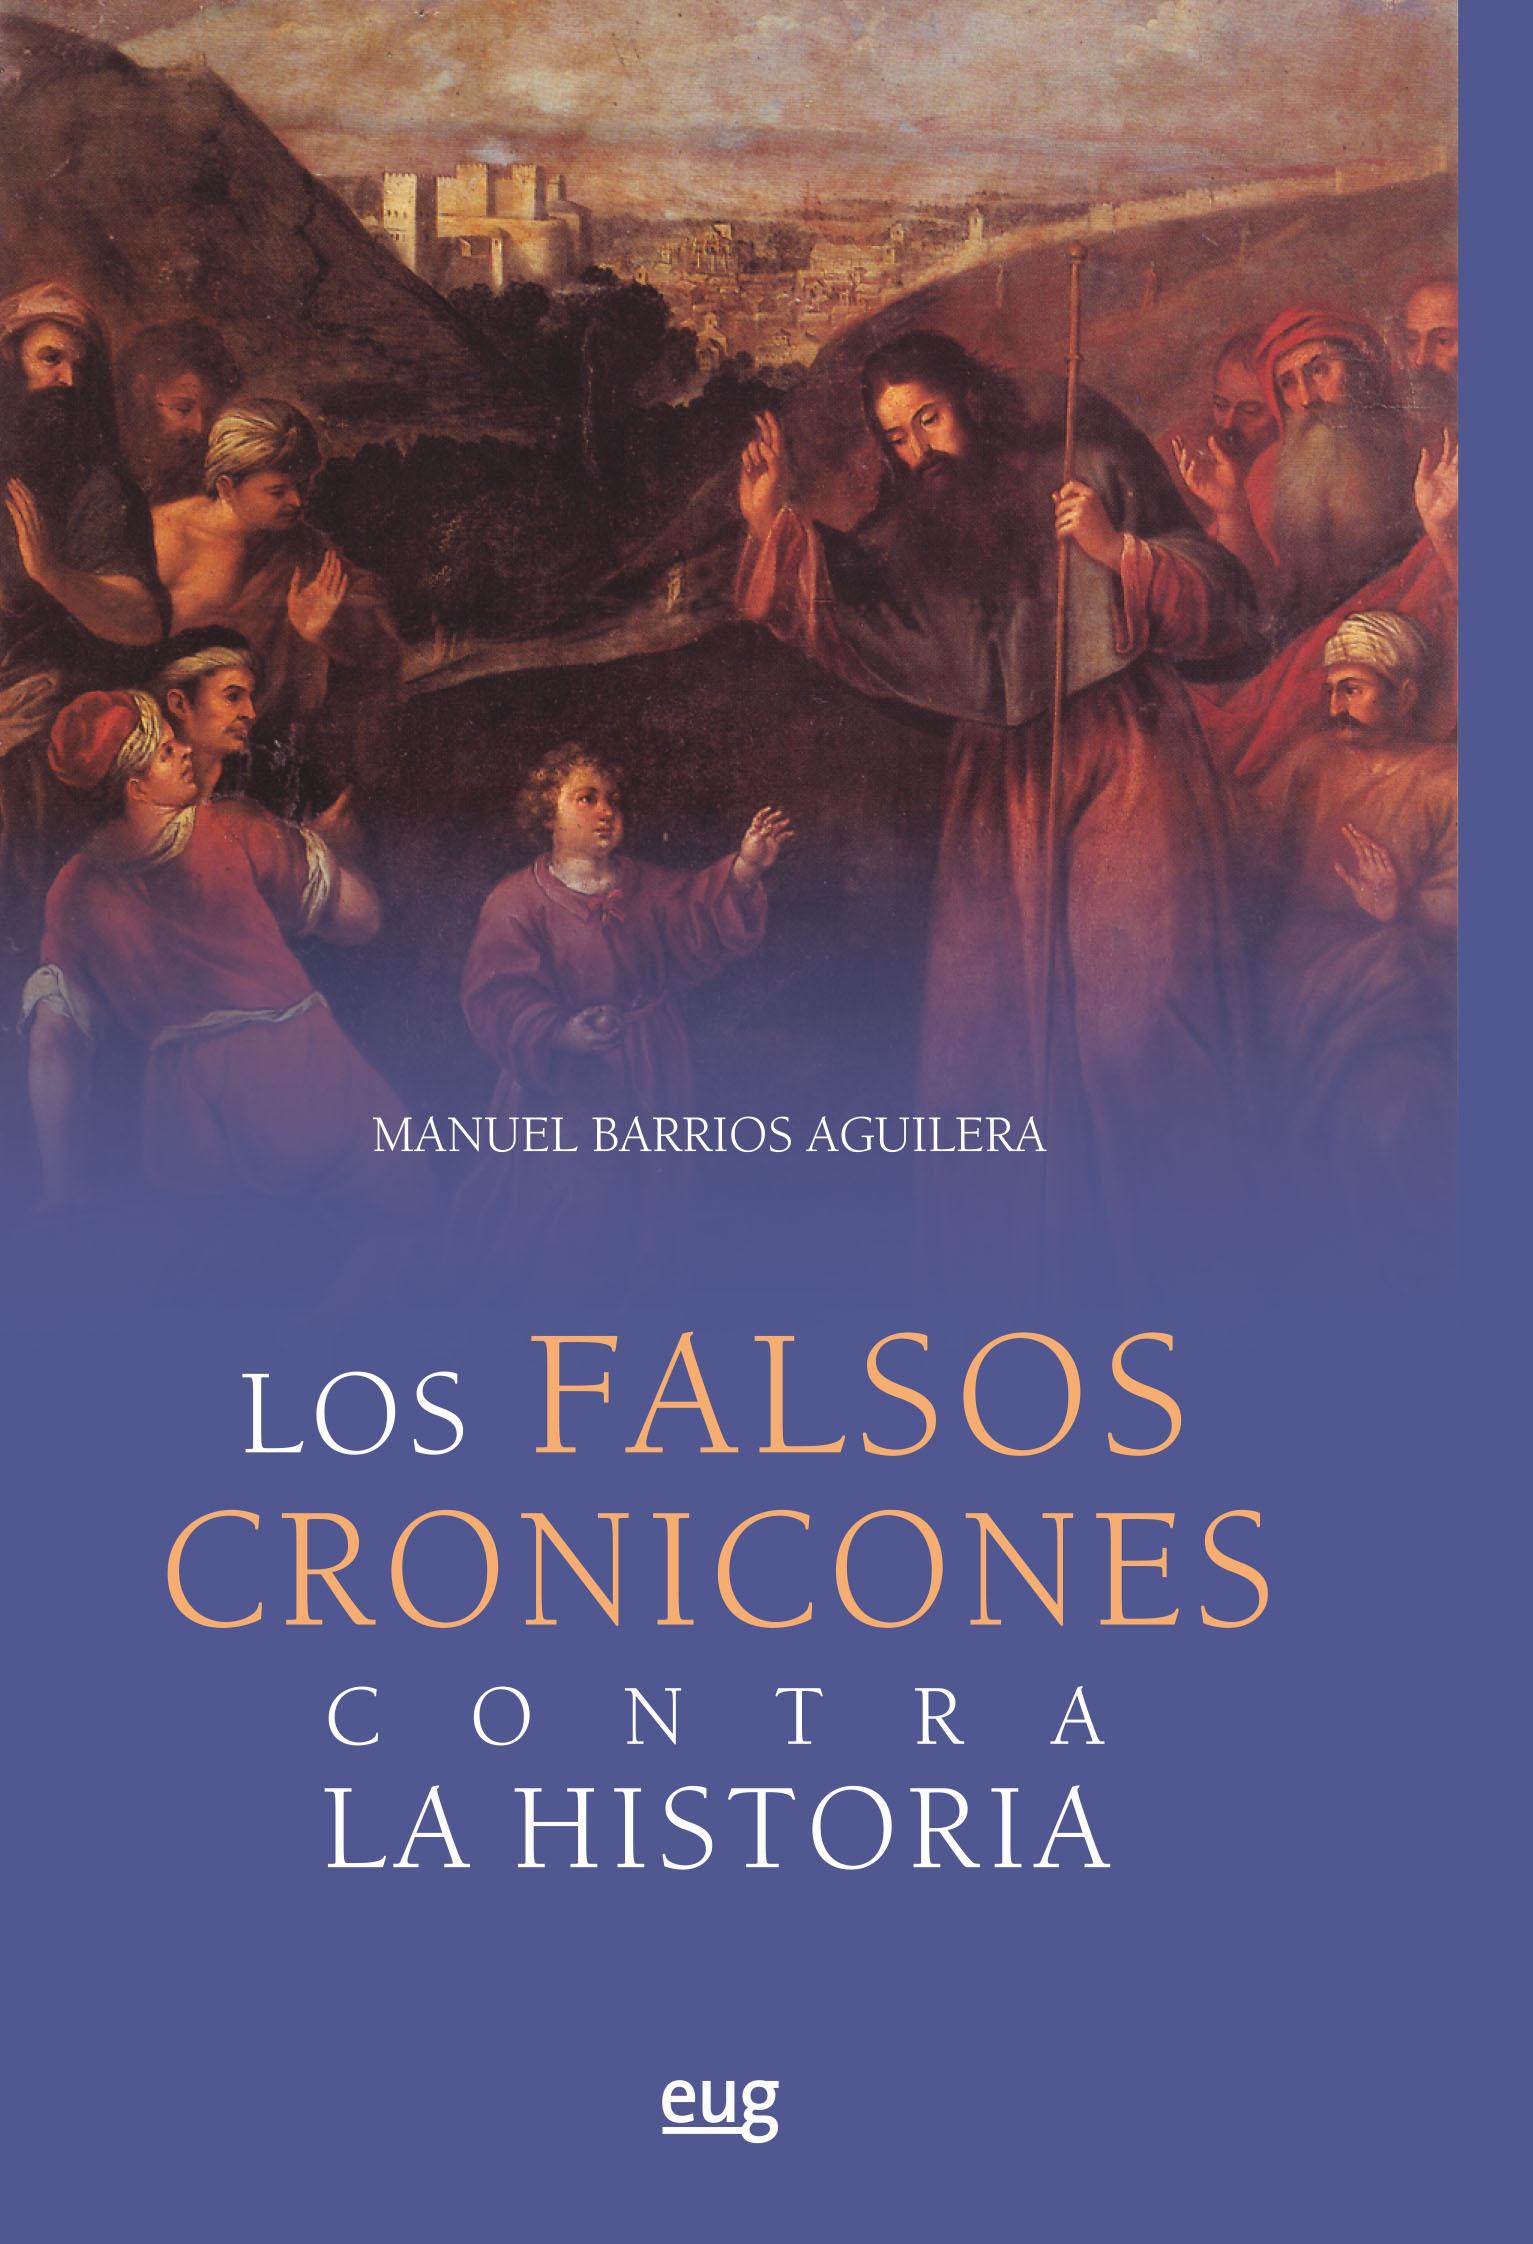 'Los falsos cronicones contra la historia', de Manuel Barrios Aguilera, libro del mes de junio de Editorial UGR